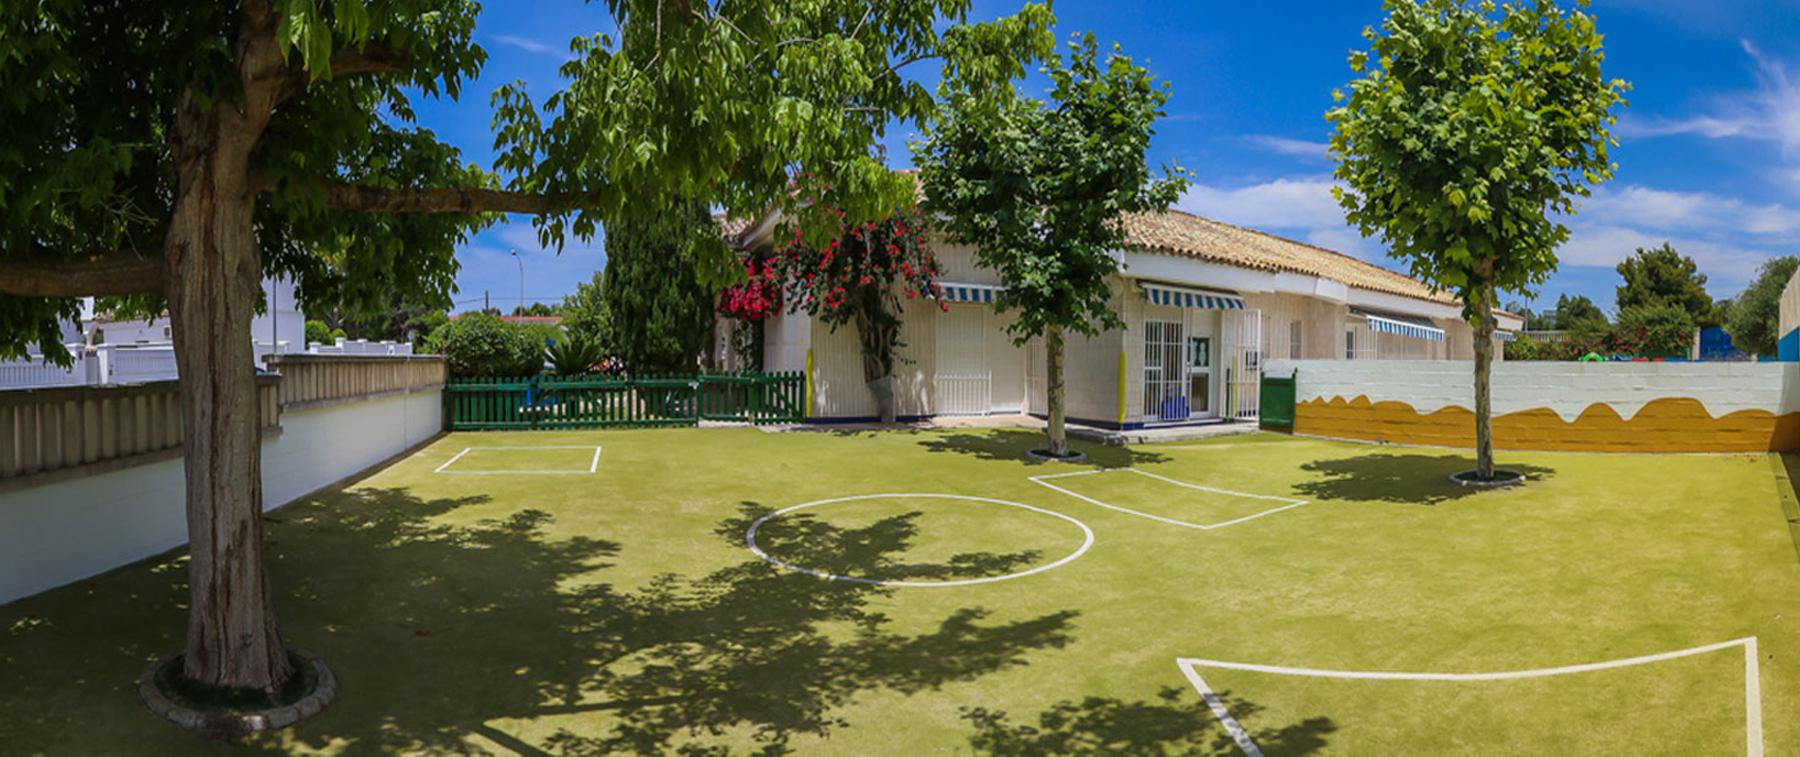 instalaciones-el-campito33